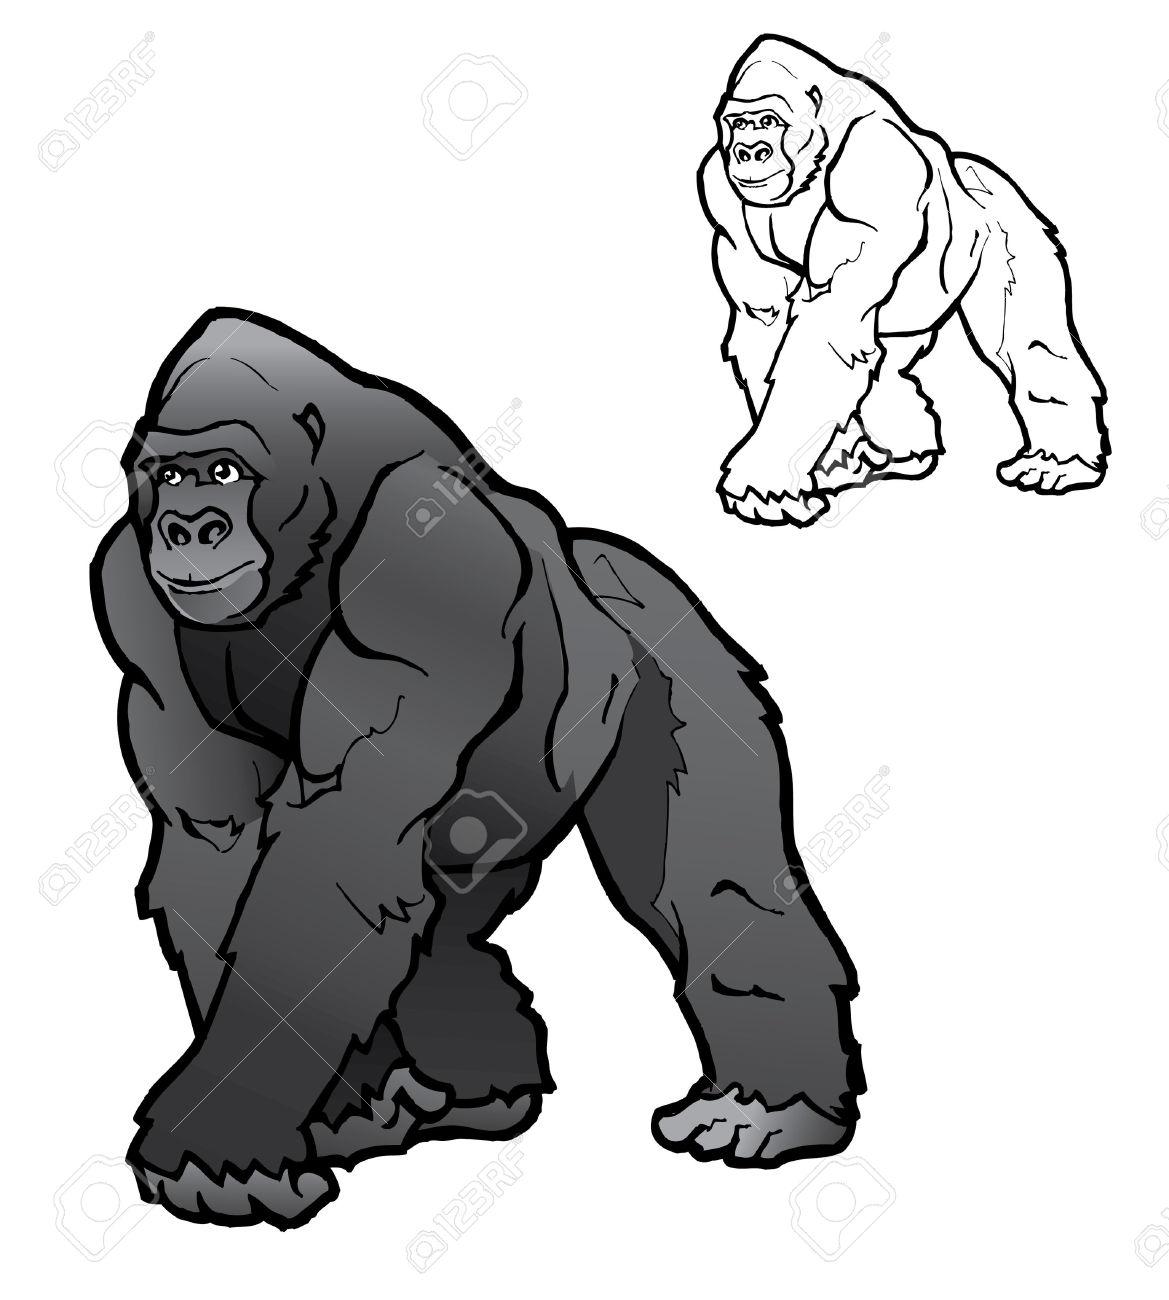 Silverback gorilla clipart.